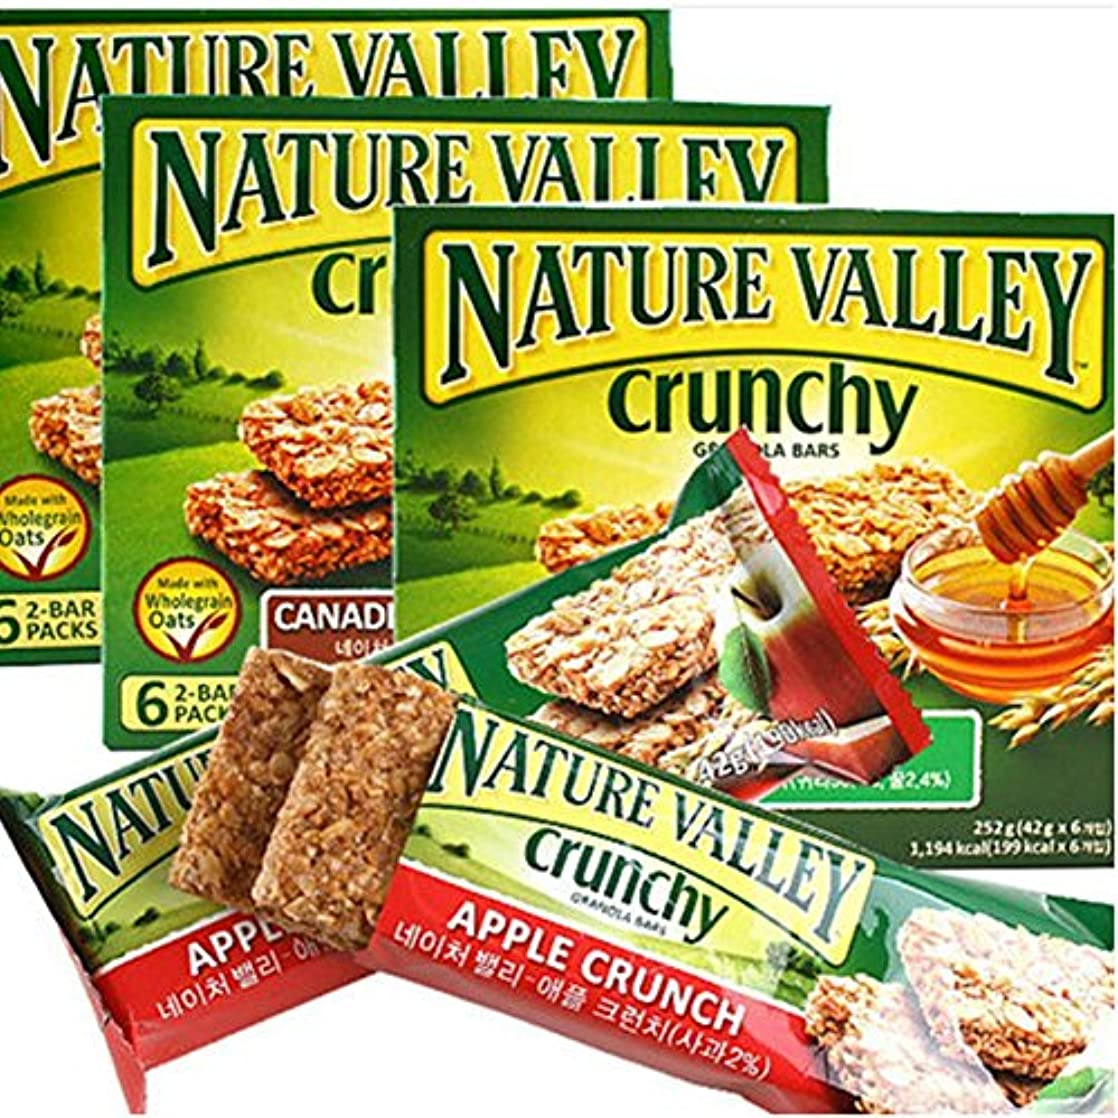 [ネイチャーバレー/Nature Valley] OATS&BERRIES SYRUP/ネイチャーバレークランチグラノーラバー42g5パックx3 Box - 大津?アンド?ベリーシロップ(合計15袋)穀物バー/シリアル/...